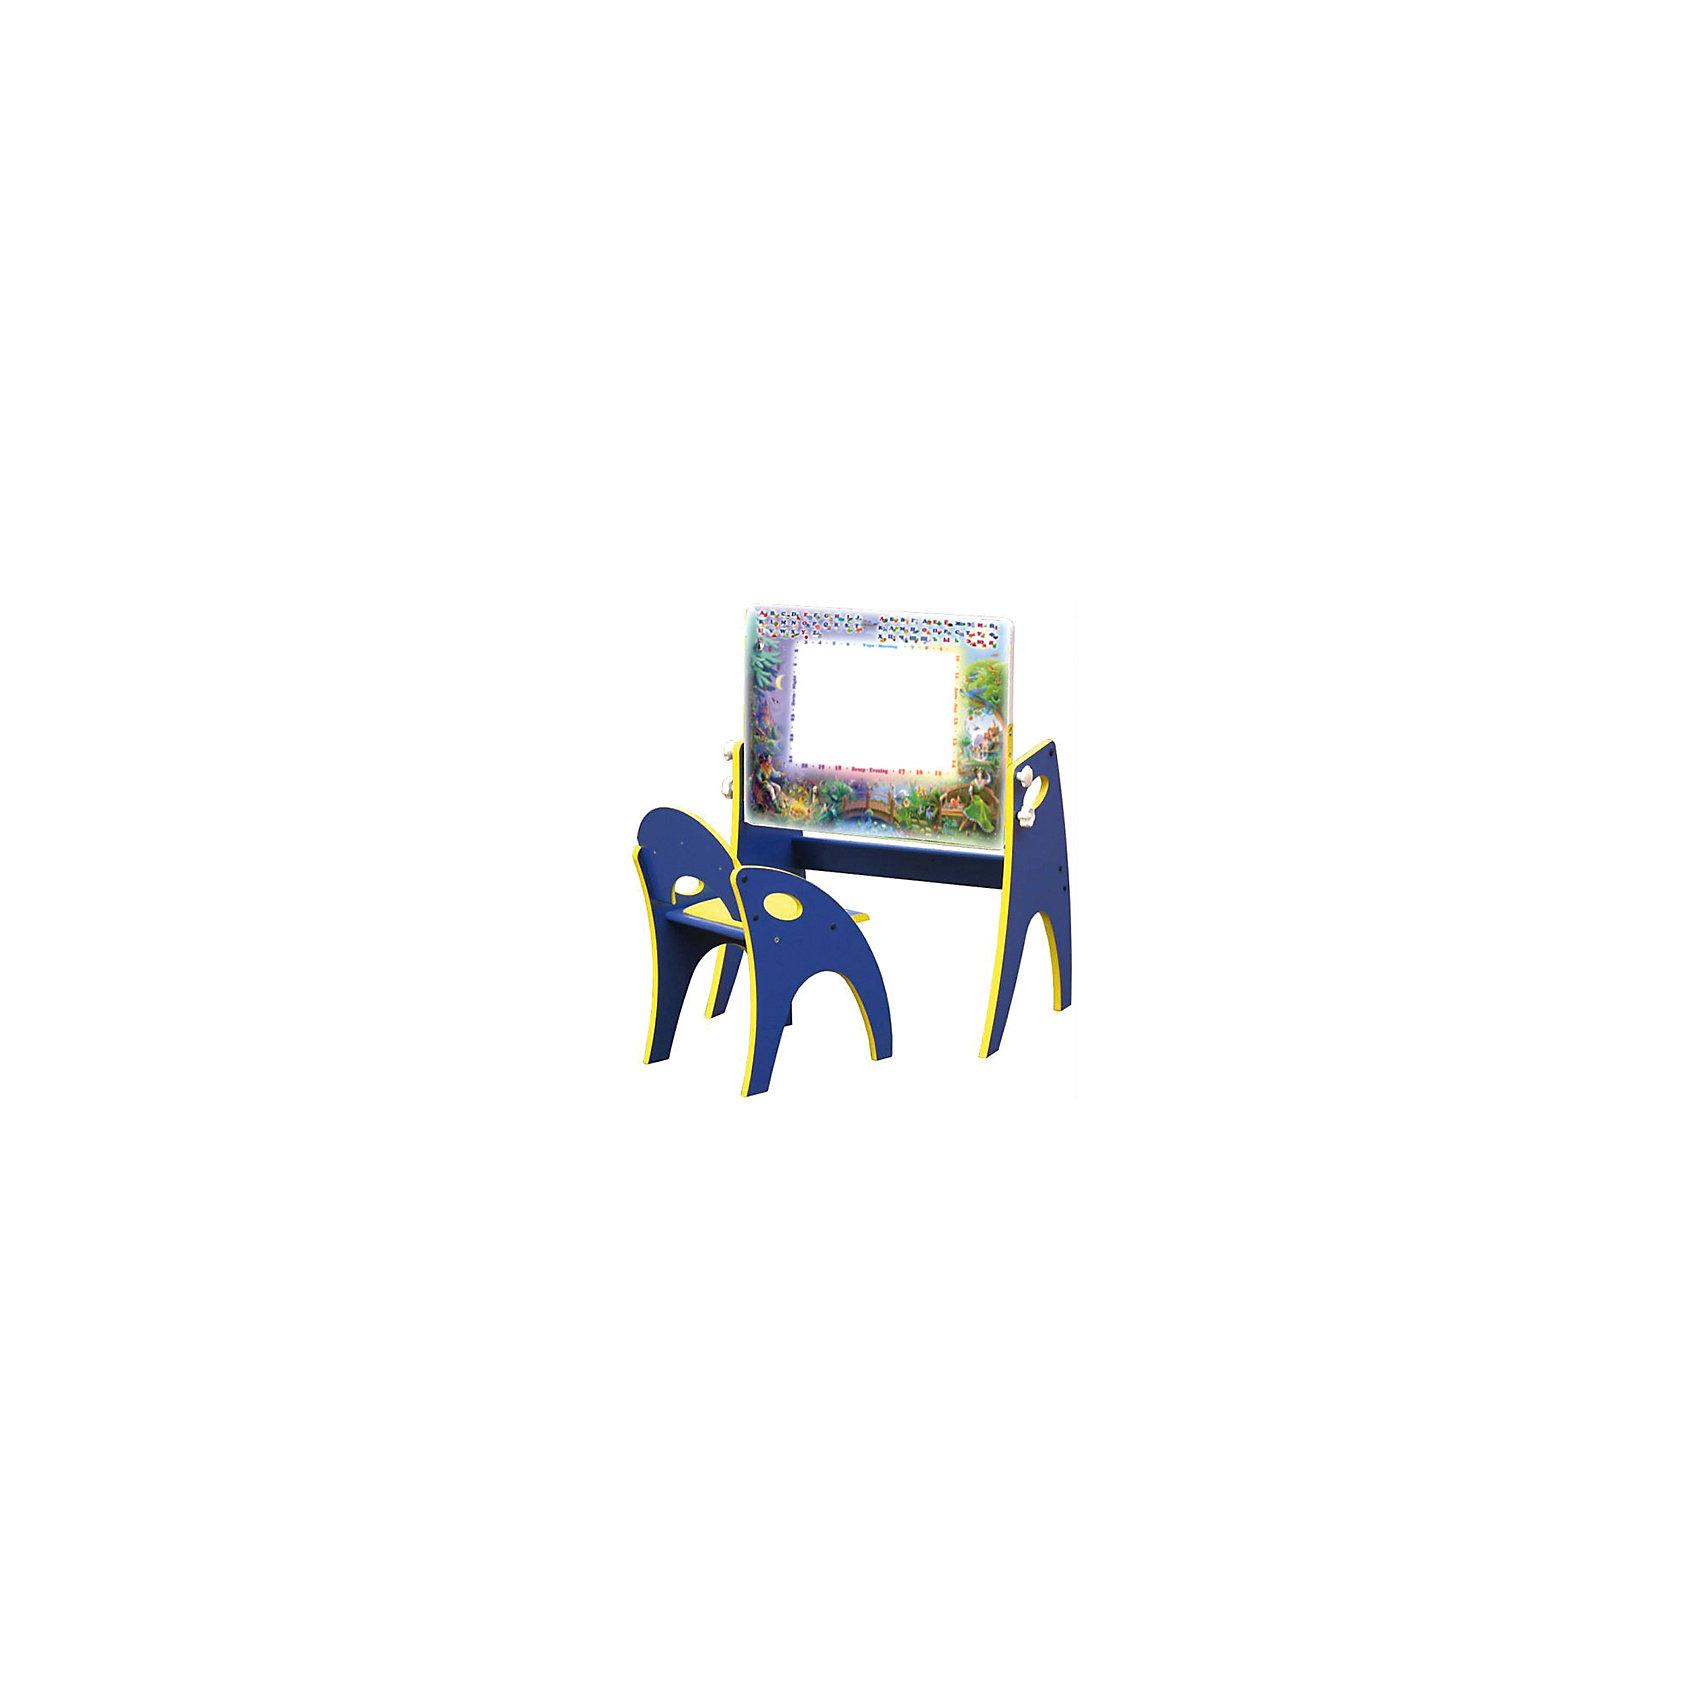 Набор мебели День-ночь, голубойНабор детской мебели День - ночь состоит из двух предметов: столик (трансформер) и стульчик.  Столик  имеет механизм трансформации, который позволяет превращать столик в парту и мольберт. Поворот осуществляется при помощи поворотного шарнира, а фиксация - скрепляющими барашками. <br>Столешница парты изготавливается из МДФ и с одной стороны имеет маркерную, с другой - грифельную поверхность.<br><br>Дополнительная информация:<br><br>- Цвет: голубой<br>- Материал: МДФ<br>- Возраст: от 3-х лет<br>- Вес: 11.5 кг. <br><br>Набор мебели День - ночь в голубом цвете, можно купить в нашем магазине.<br><br>Ширина мм: 600<br>Глубина мм: 120<br>Высота мм: 450<br>Вес г: 11500<br>Возраст от месяцев: 36<br>Возраст до месяцев: 108<br>Пол: Унисекс<br>Возраст: Детский<br>SKU: 4718344